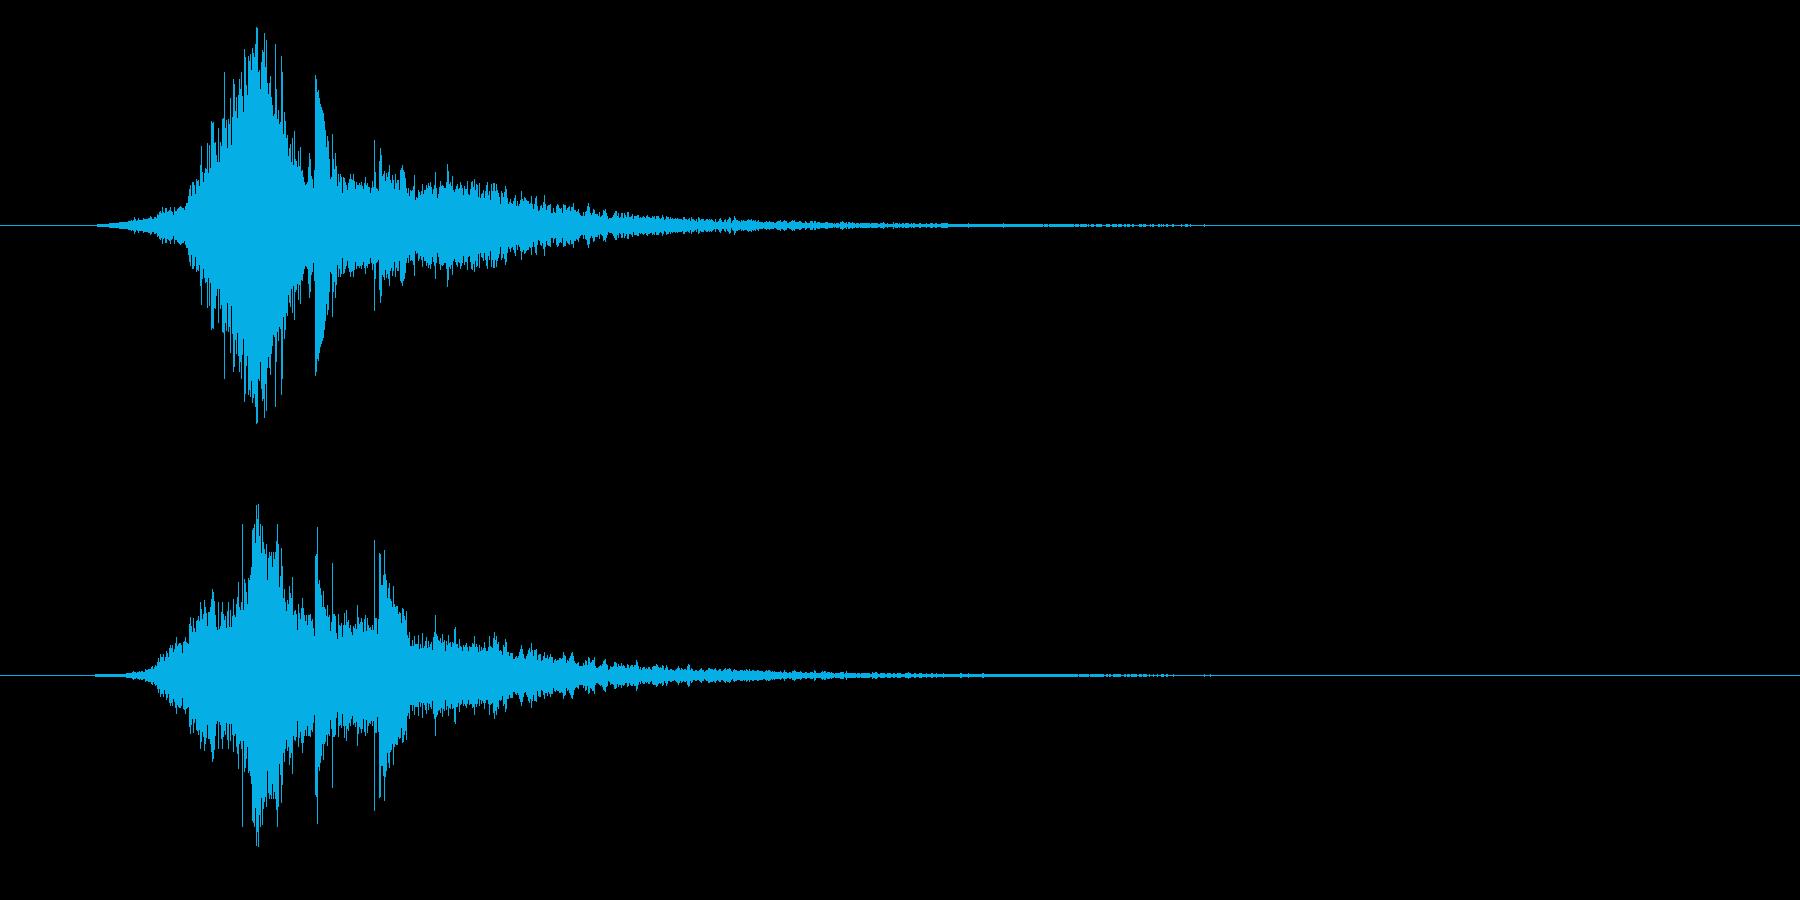 サウンドロゴ、起動音、クールな電子音の再生済みの波形